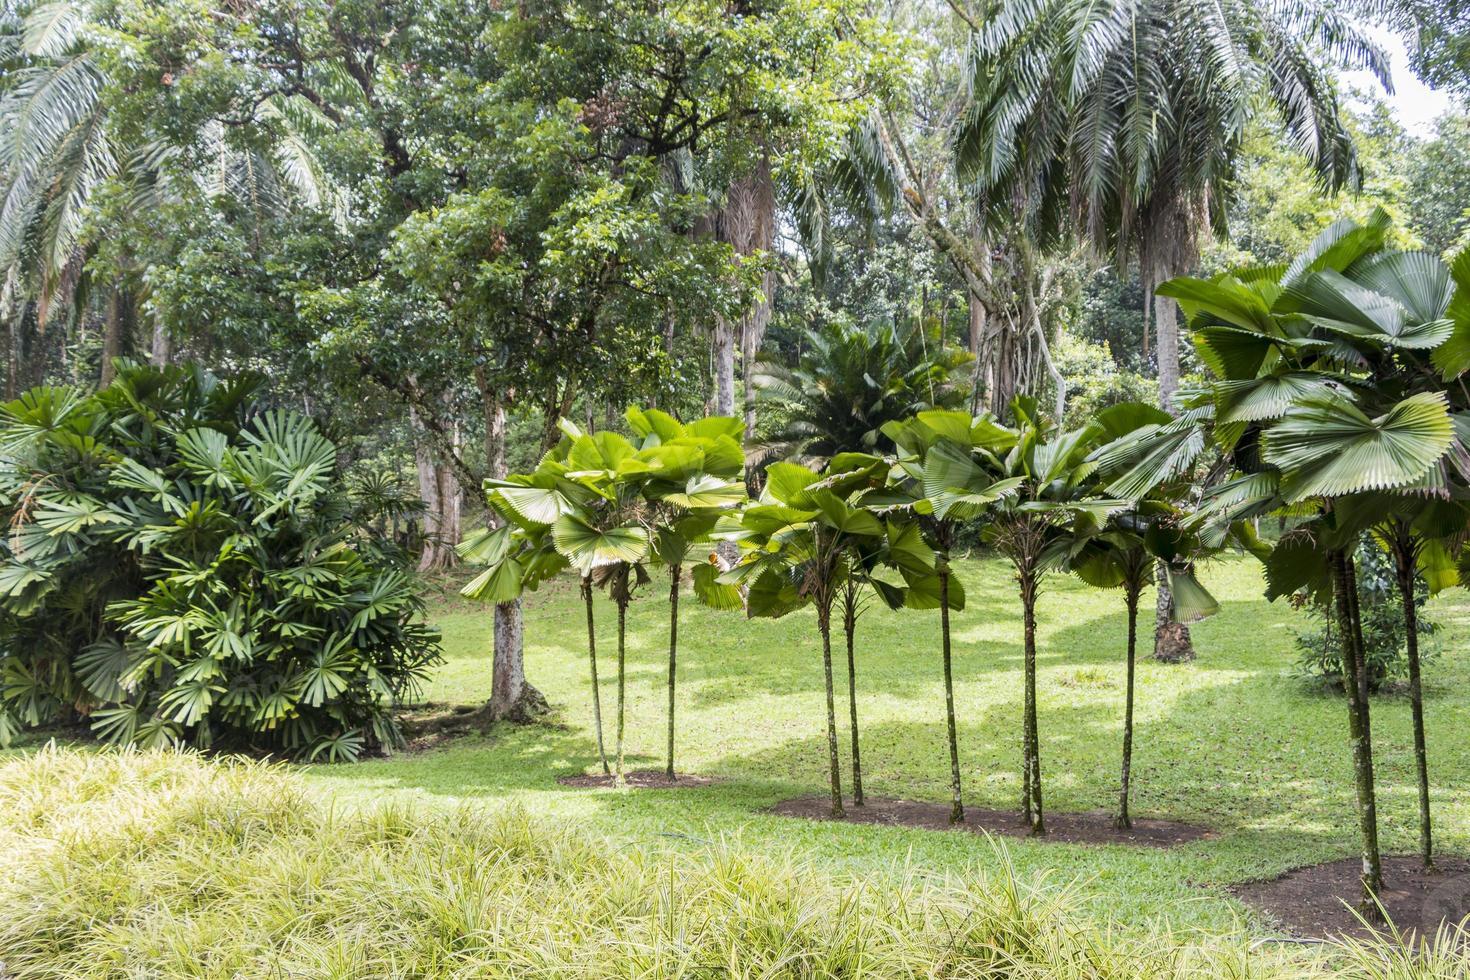 collection de palmiers dans le jardin botanique perdana, kuala lumpur. photo